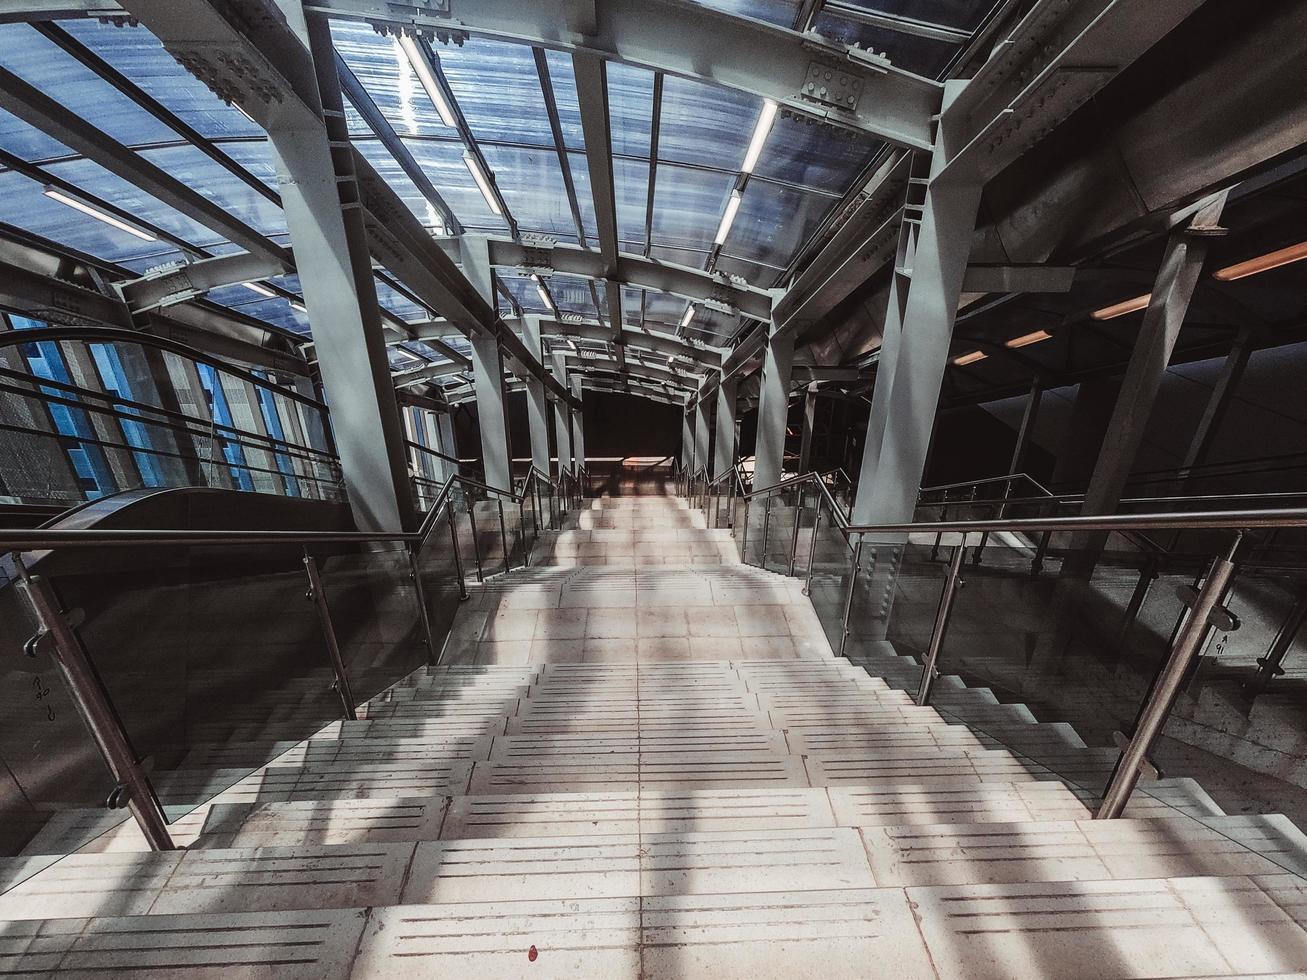 escalier vide avec garde-corps photo